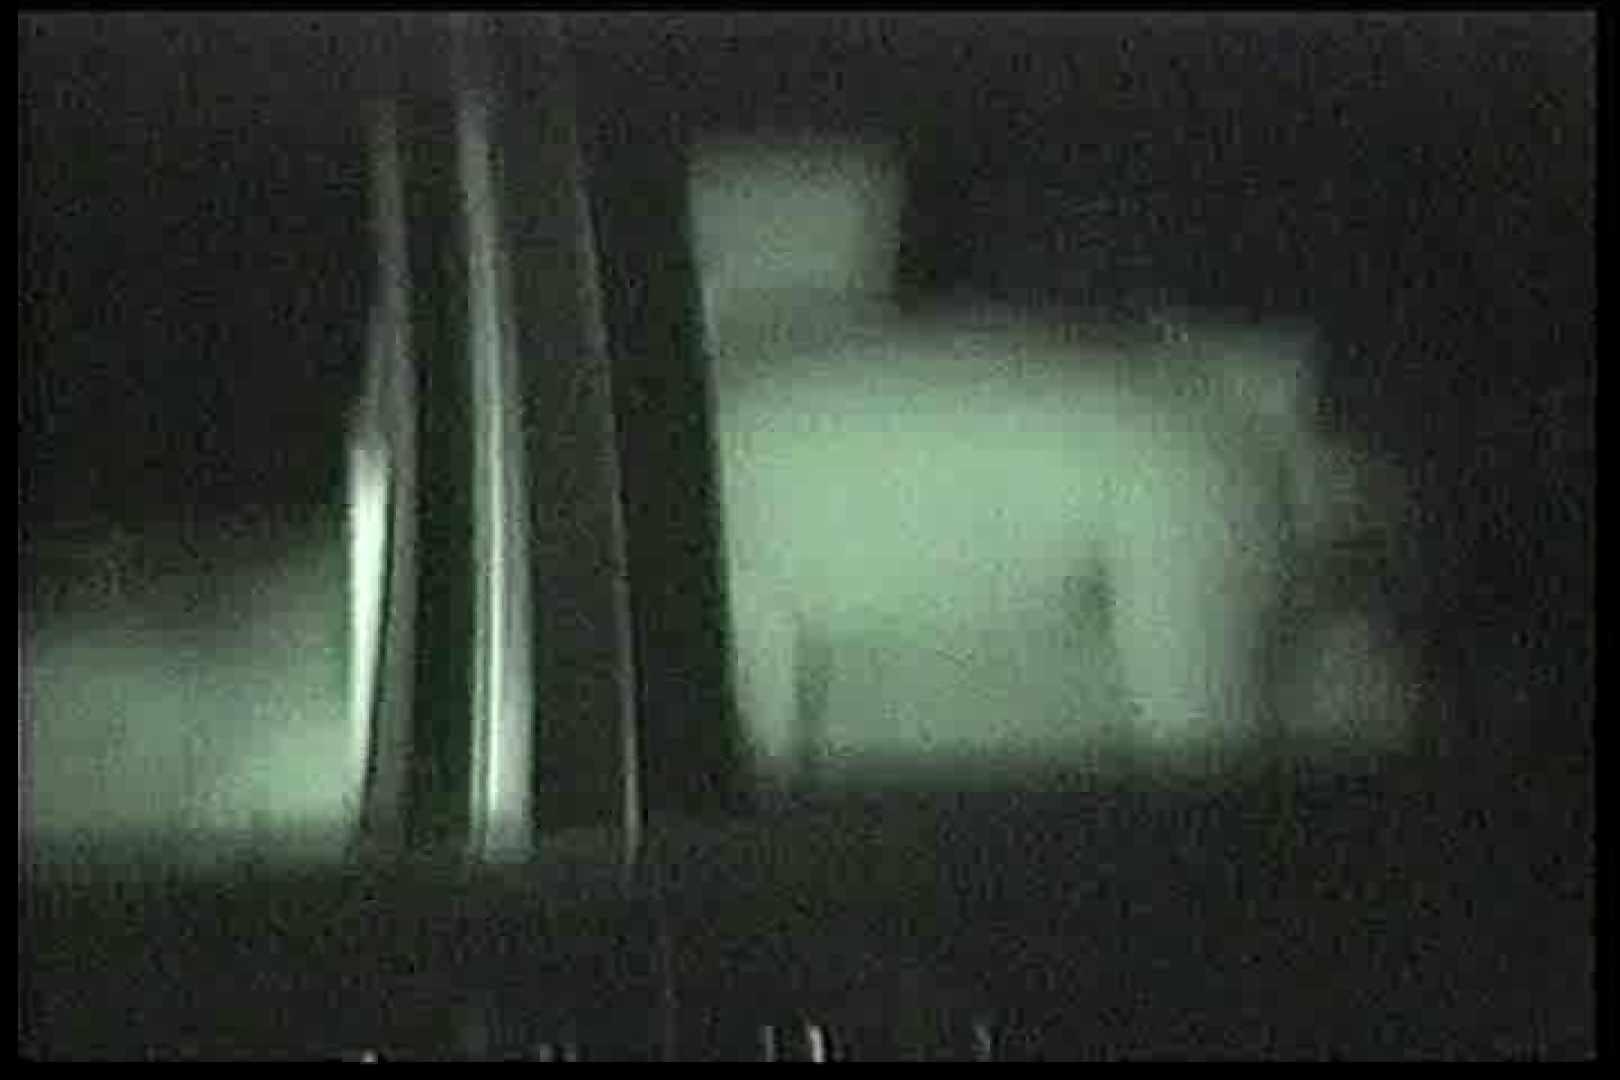 車の中はラブホテル 無修正版  Vol.11 カップル おめこ無修正画像 34連発 21